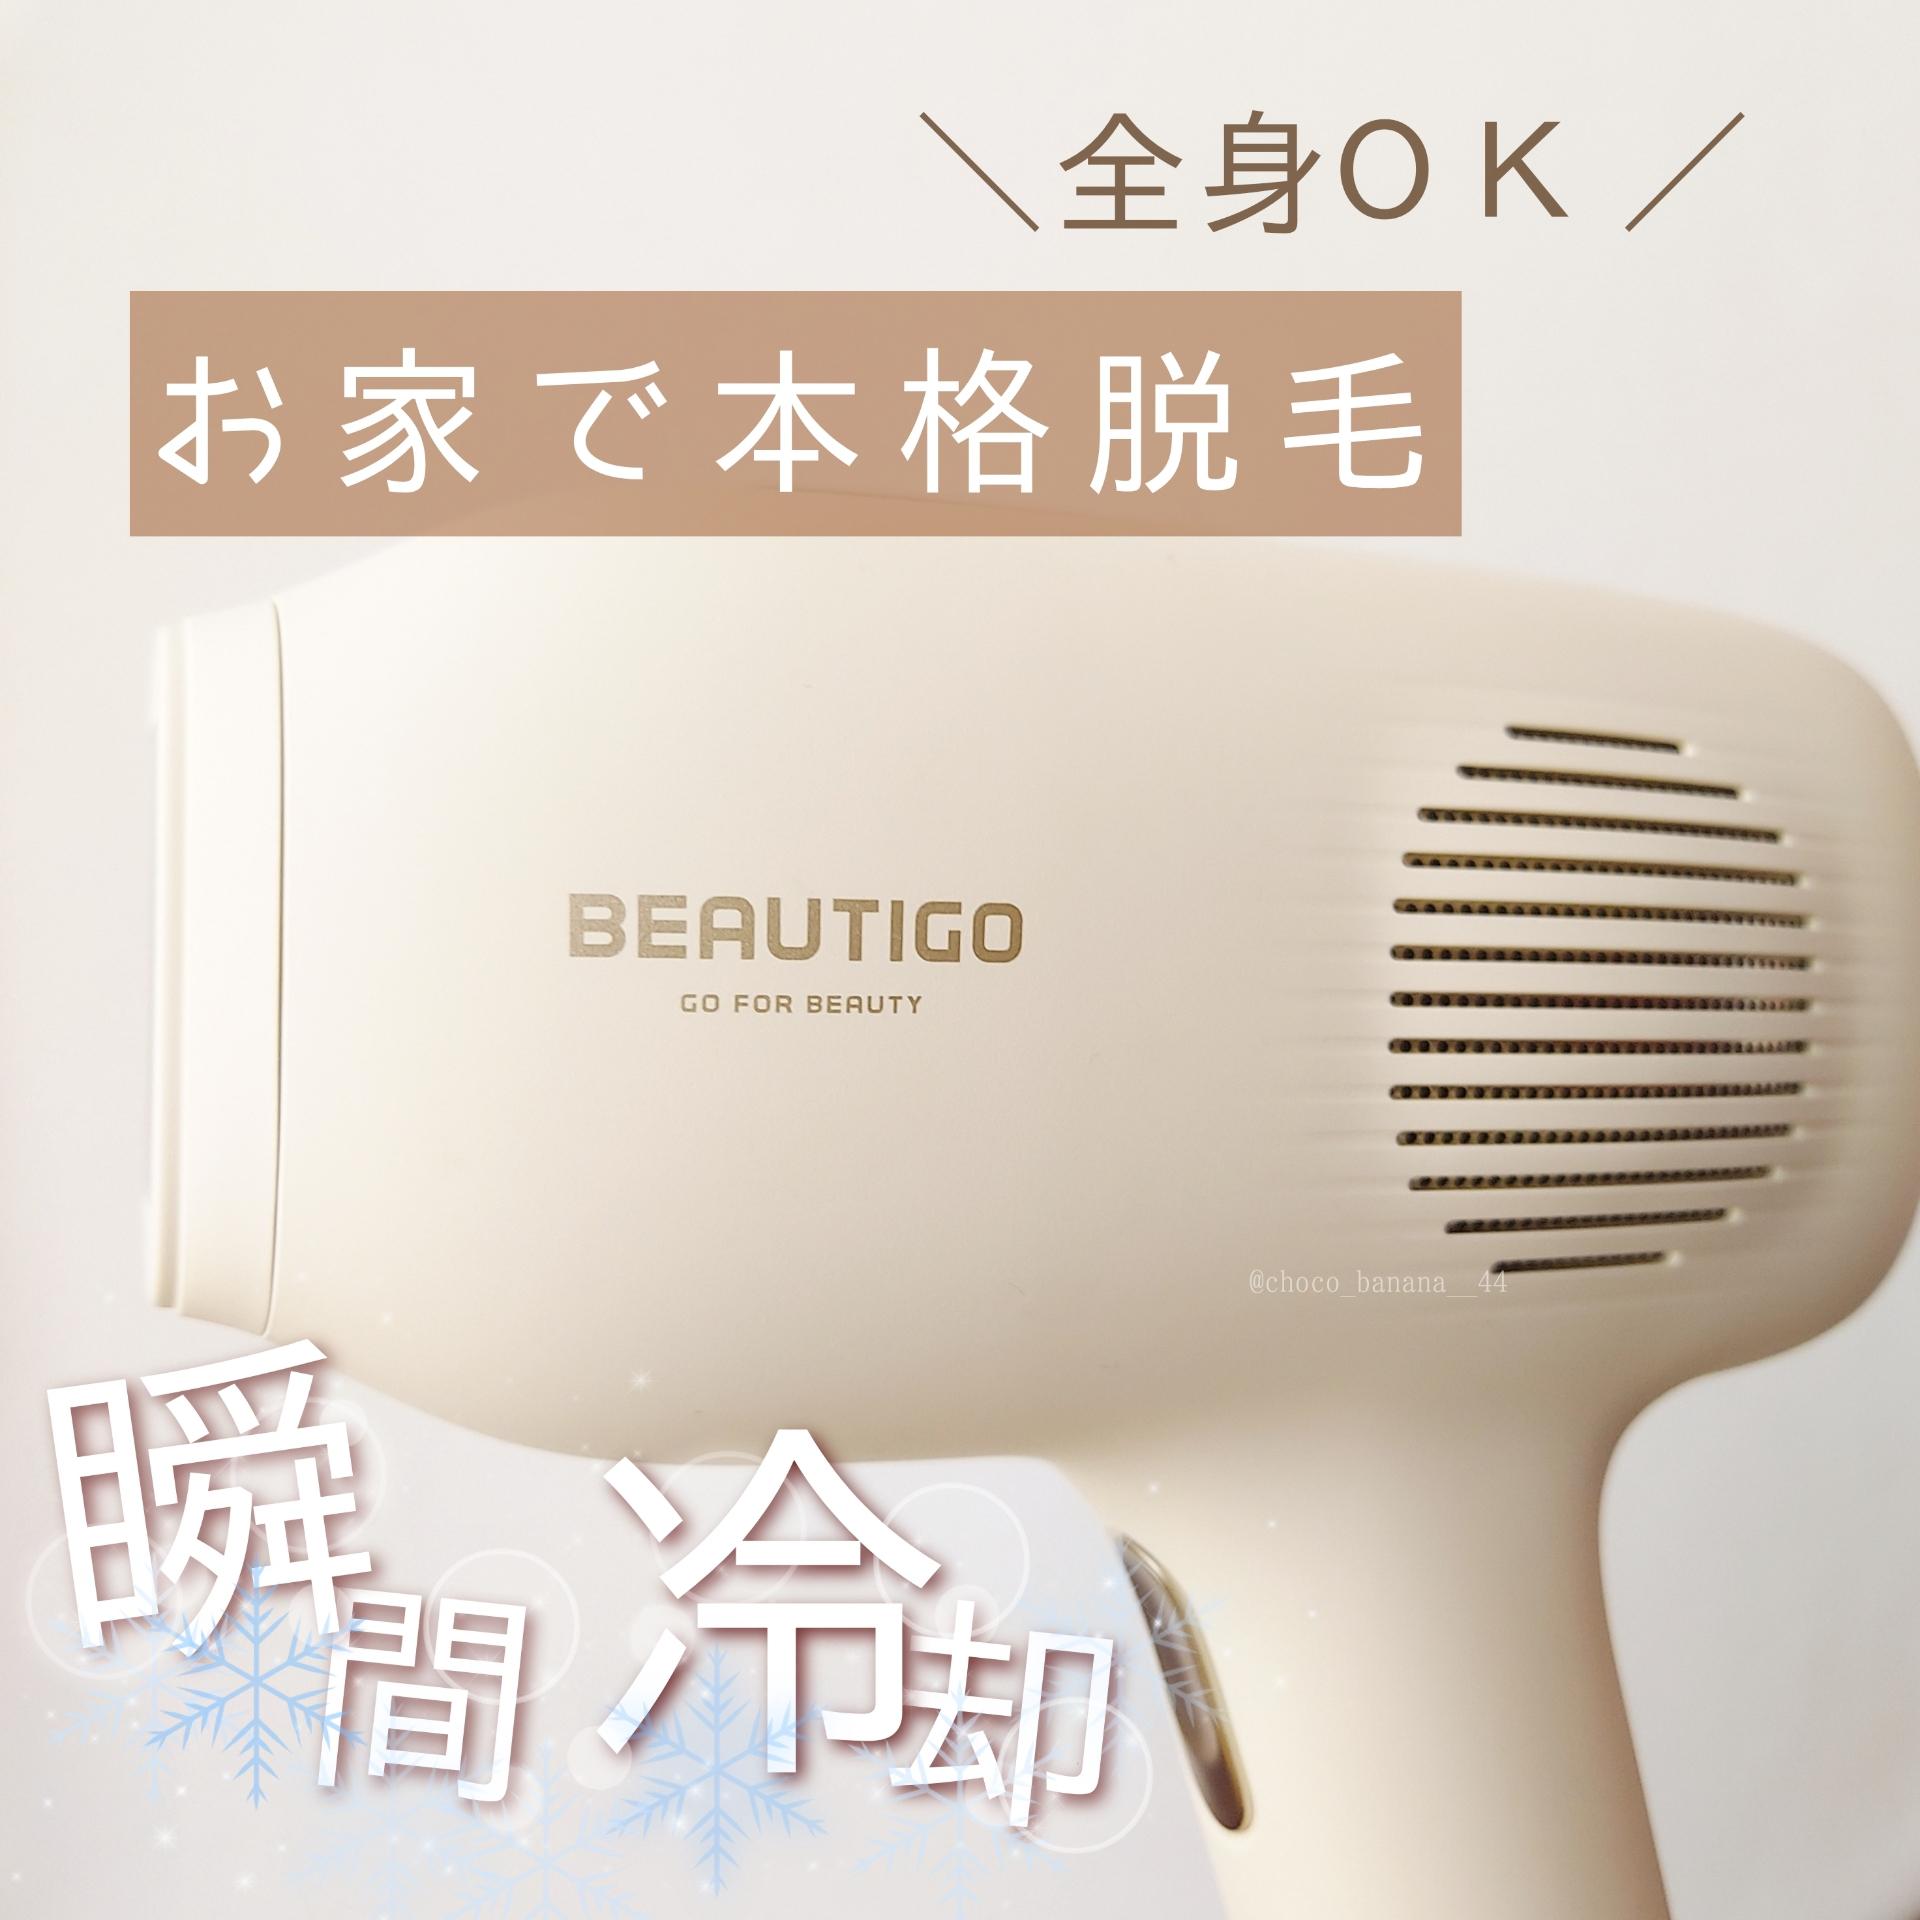 beautigo(ビューティゴ)脱毛器を使ったししさんのクチコミ画像1